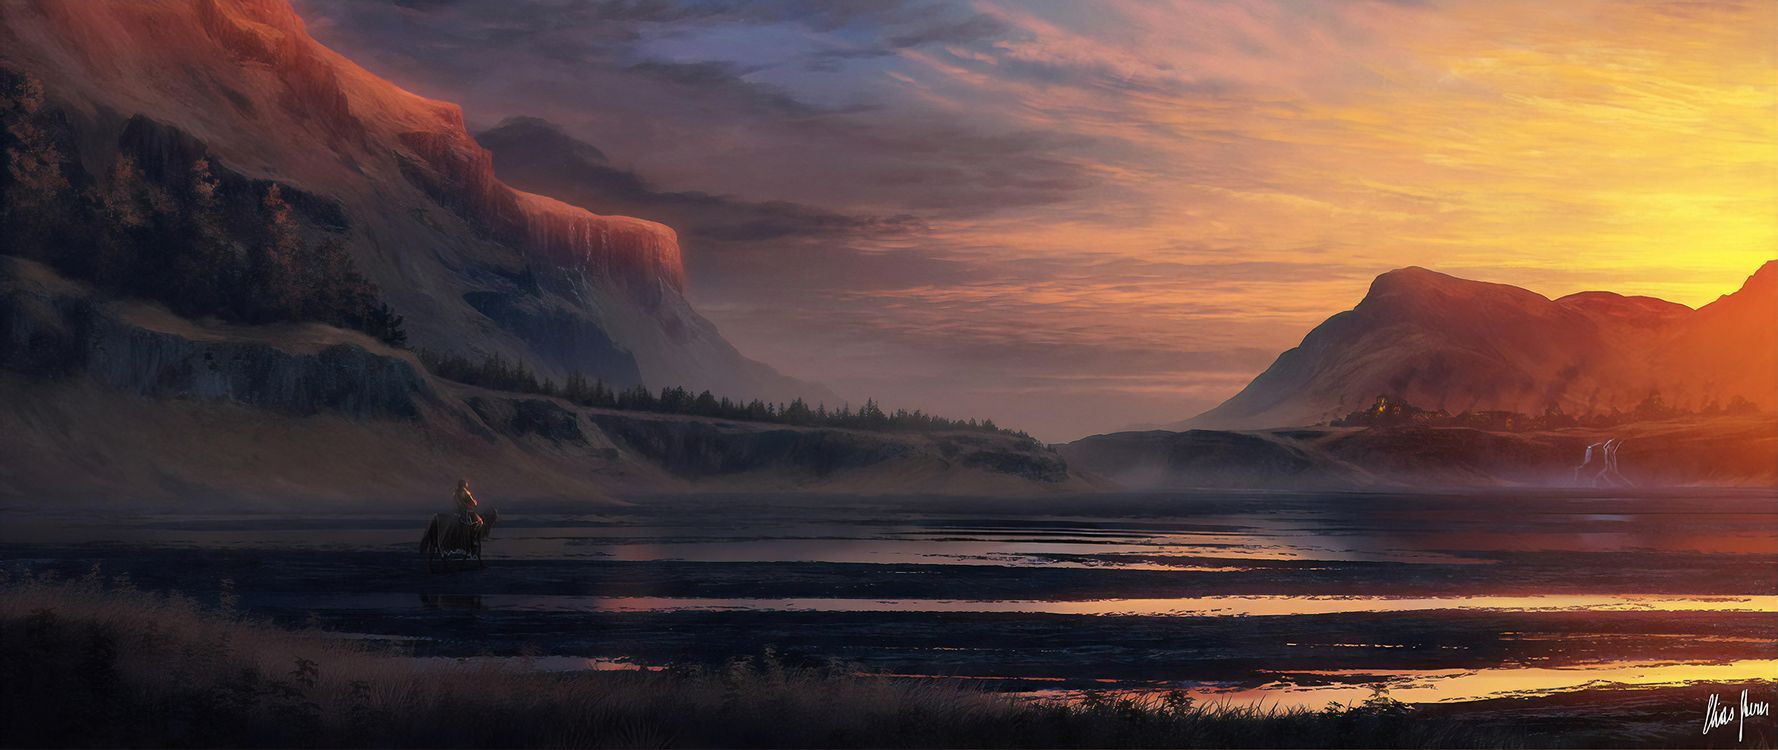 Нарисованный мужчина на коне у озера в горах · бесплатное фото